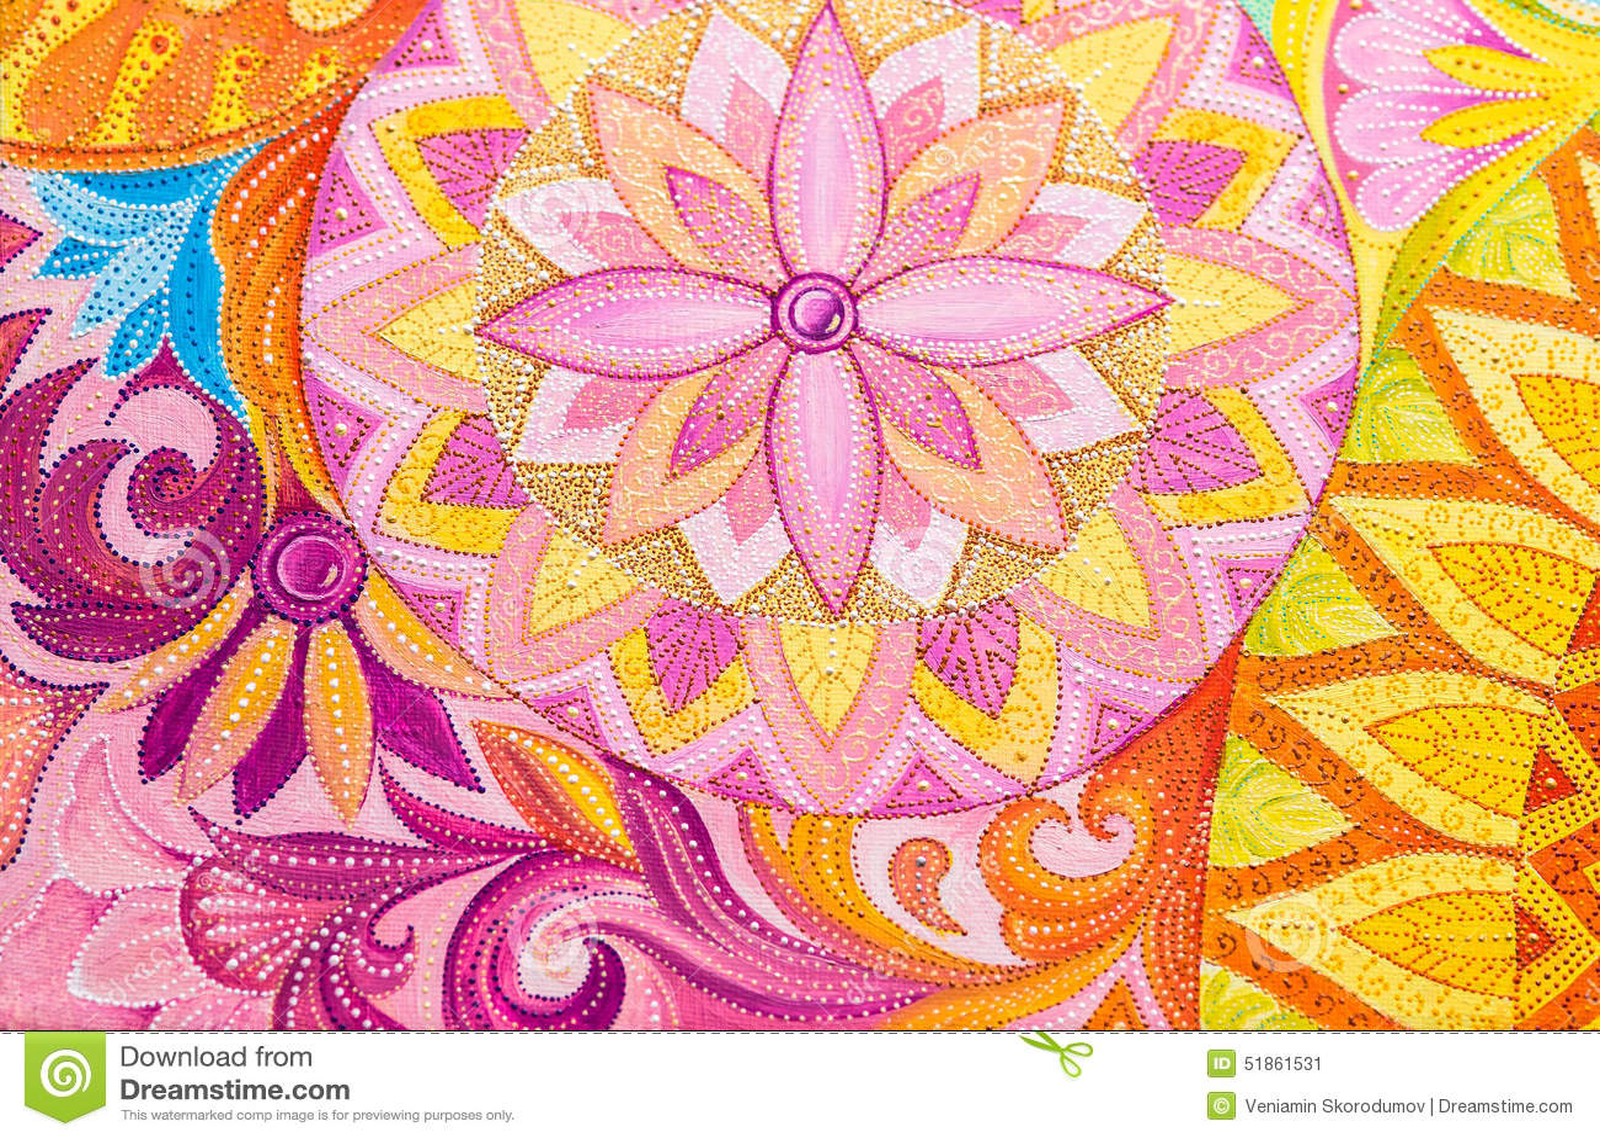 Pinturas de óleo abstratas do desenho em uma lona com ornamento floral